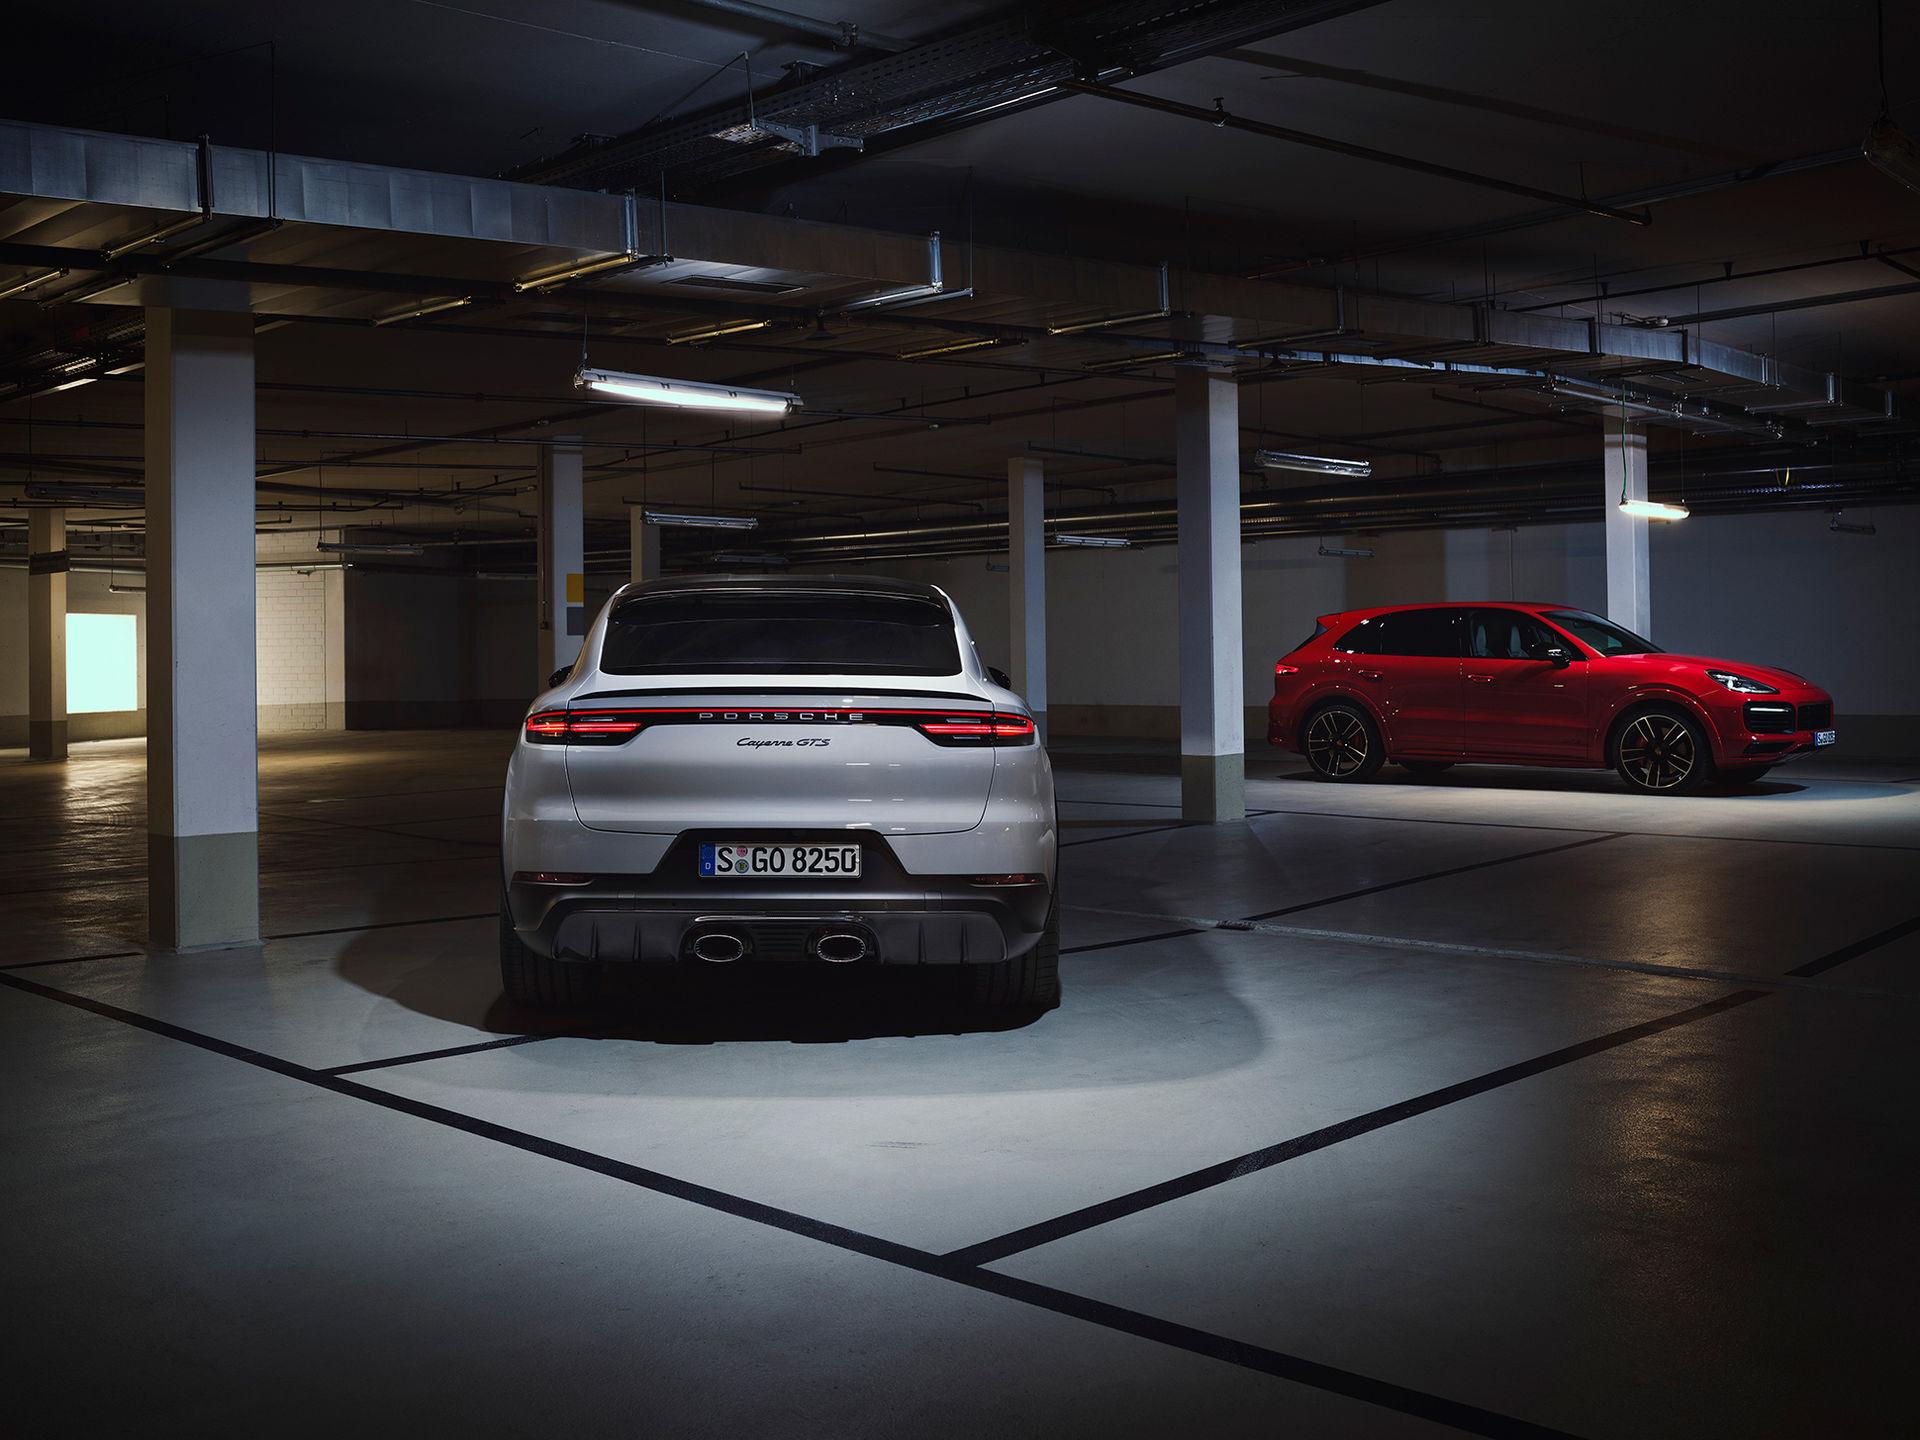 Nya Porsche Cayenne GTS är här